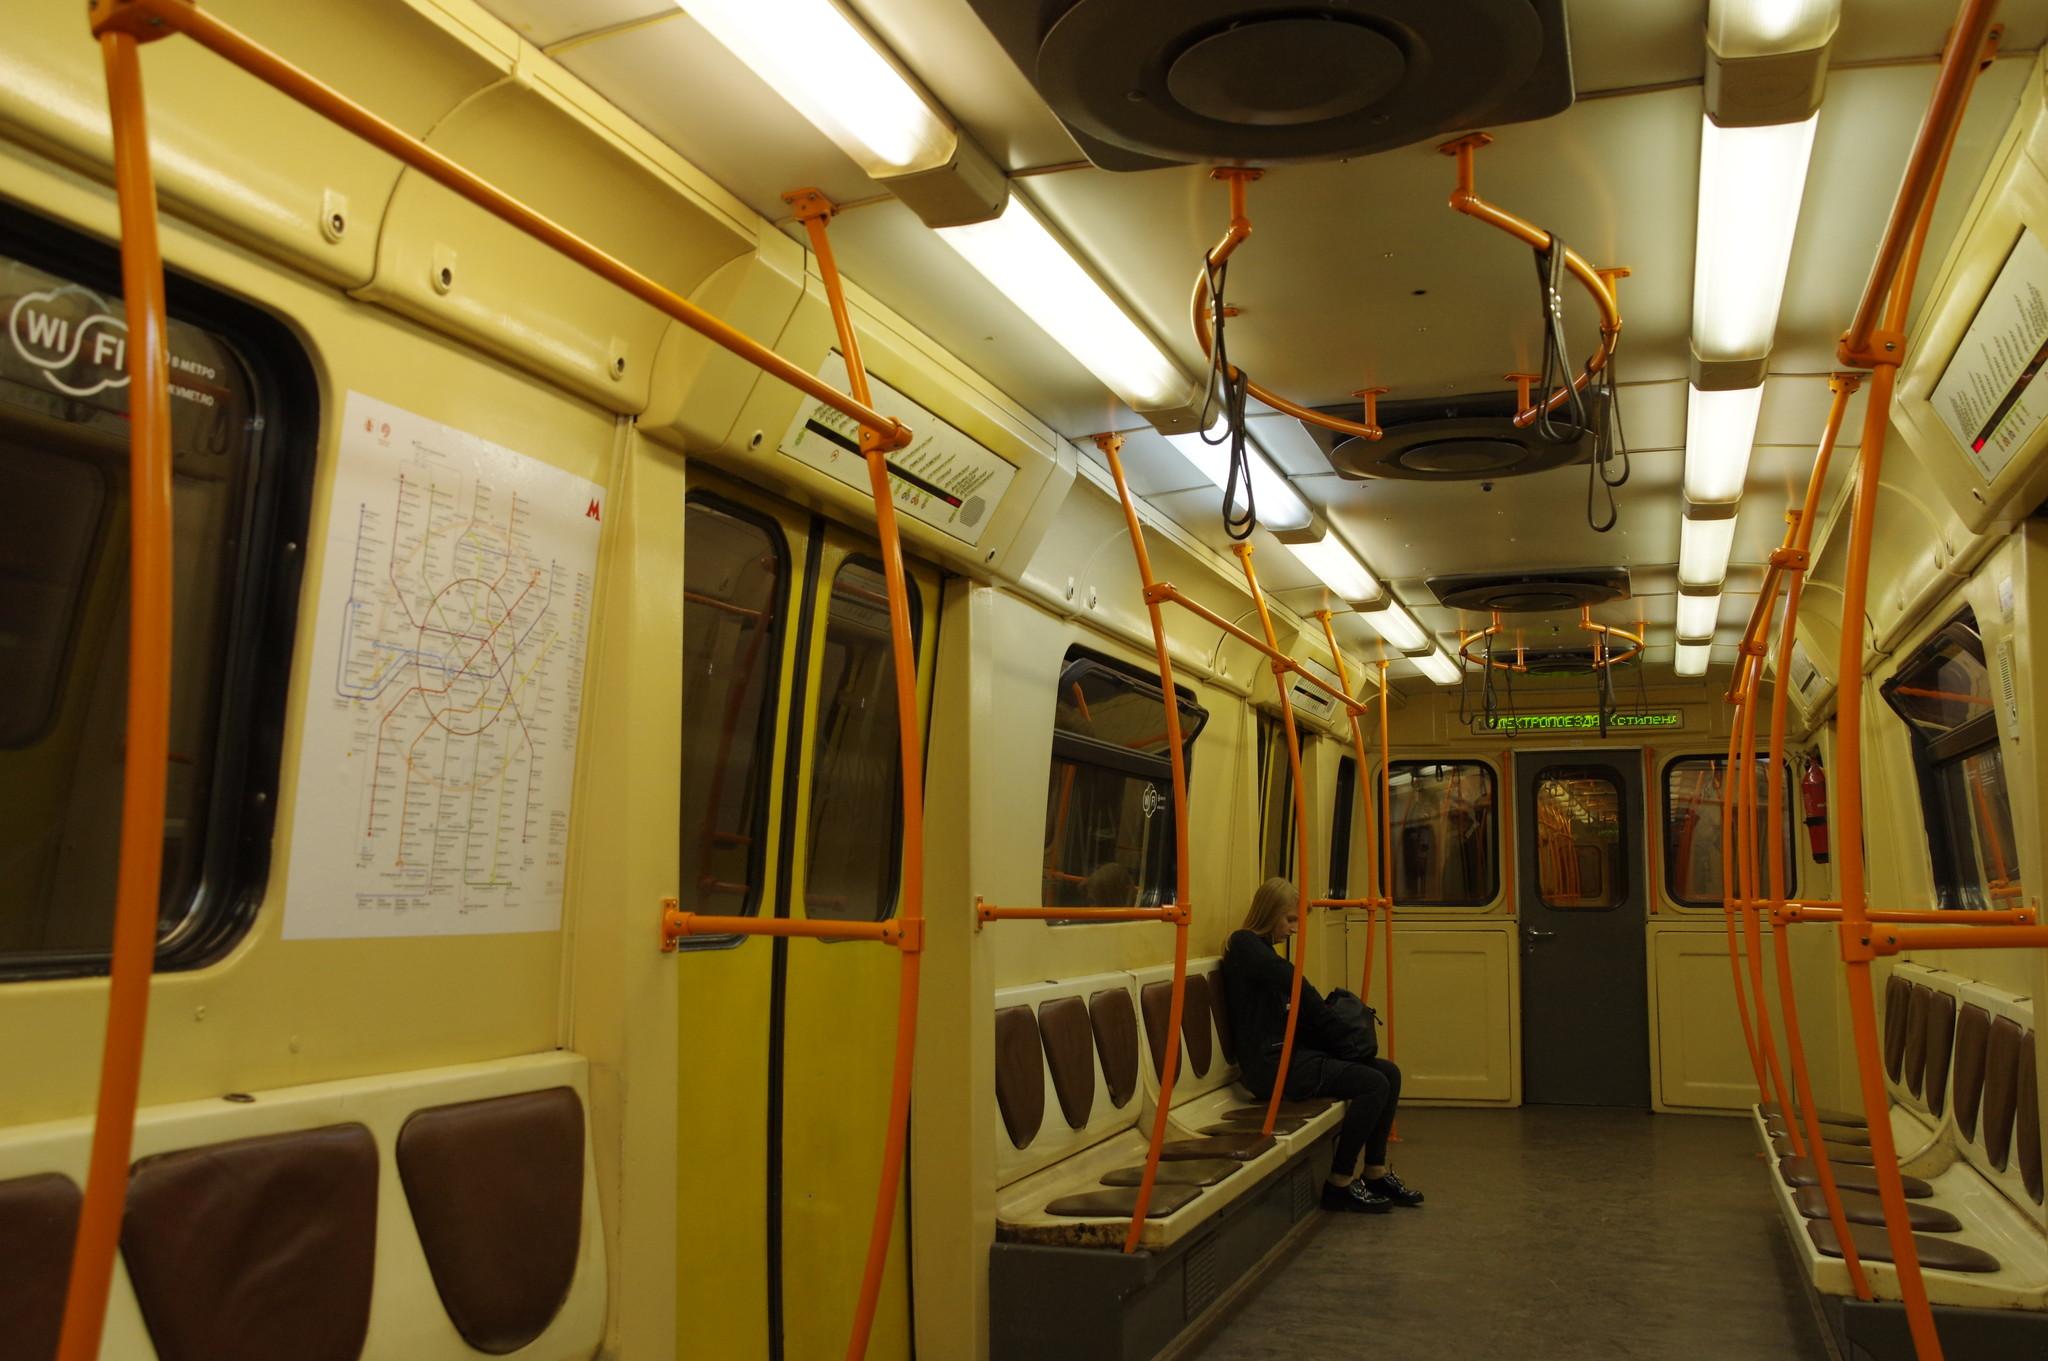 В вагоне модели 81-721.1 «Яуза» на Люблинской-Дмитровской линии Московского метрополитена